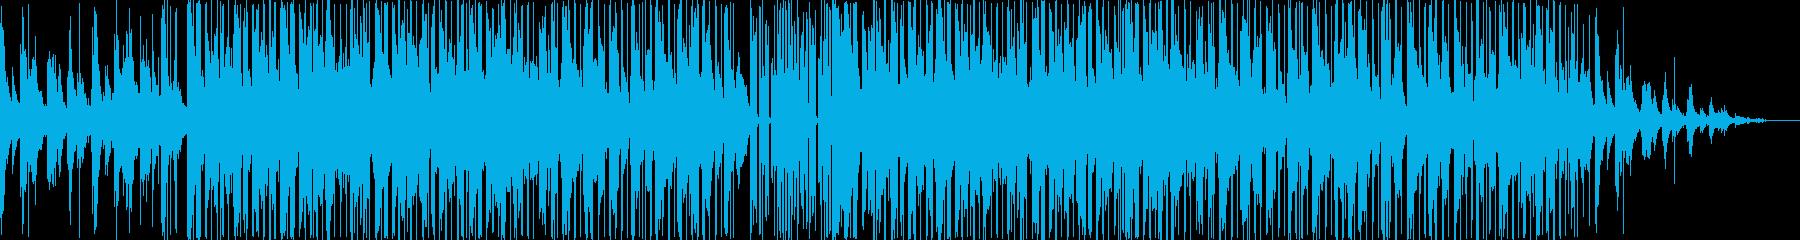 アジア民謡っぽいHiphopBeatの再生済みの波形